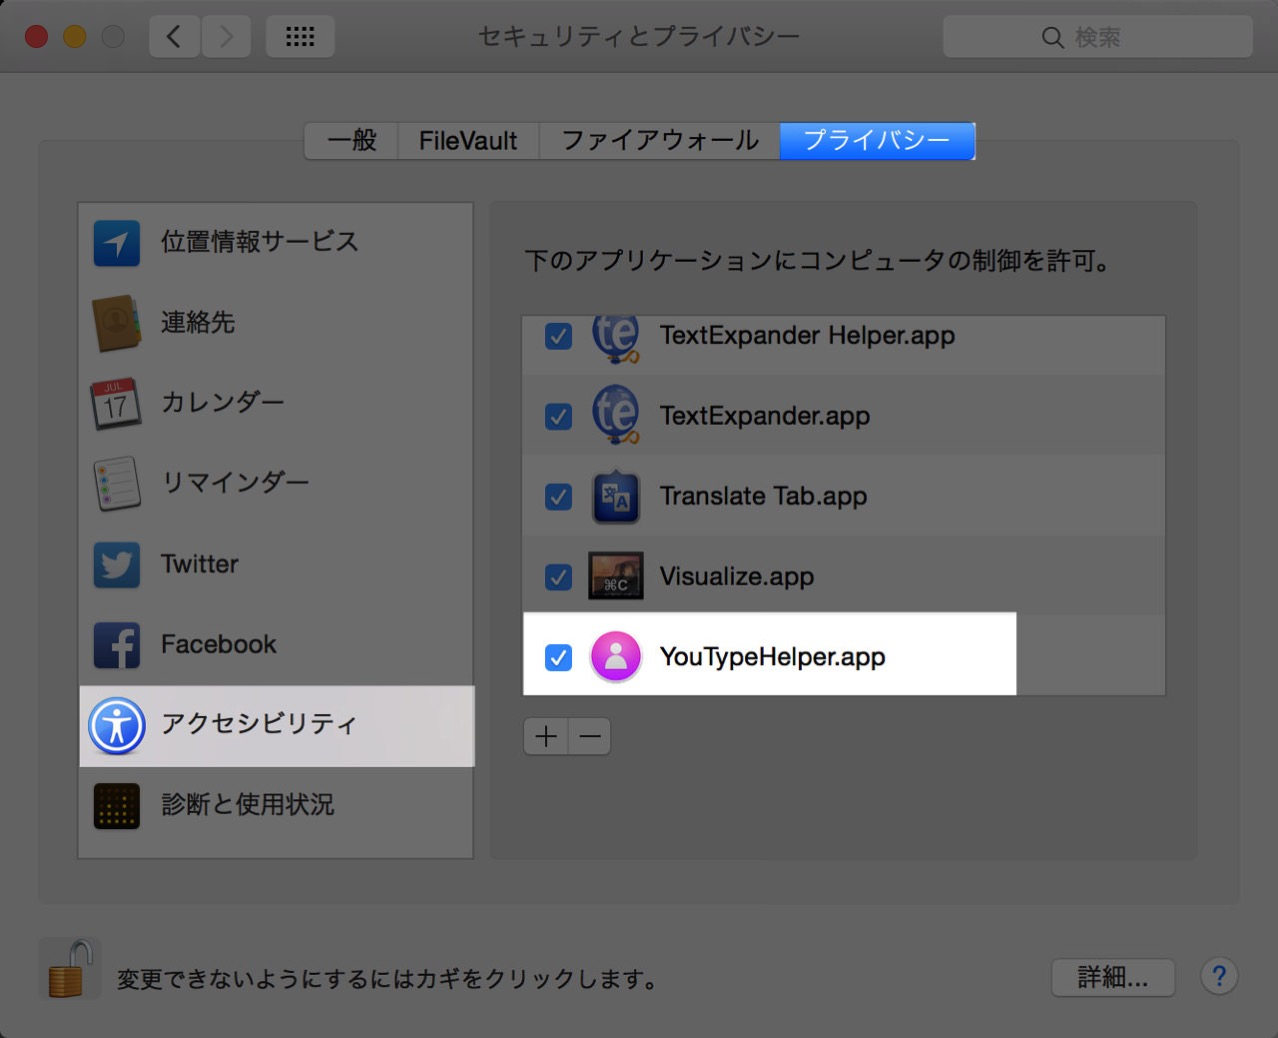 アクセシビリティの項目で「YouType」の認証を許可する